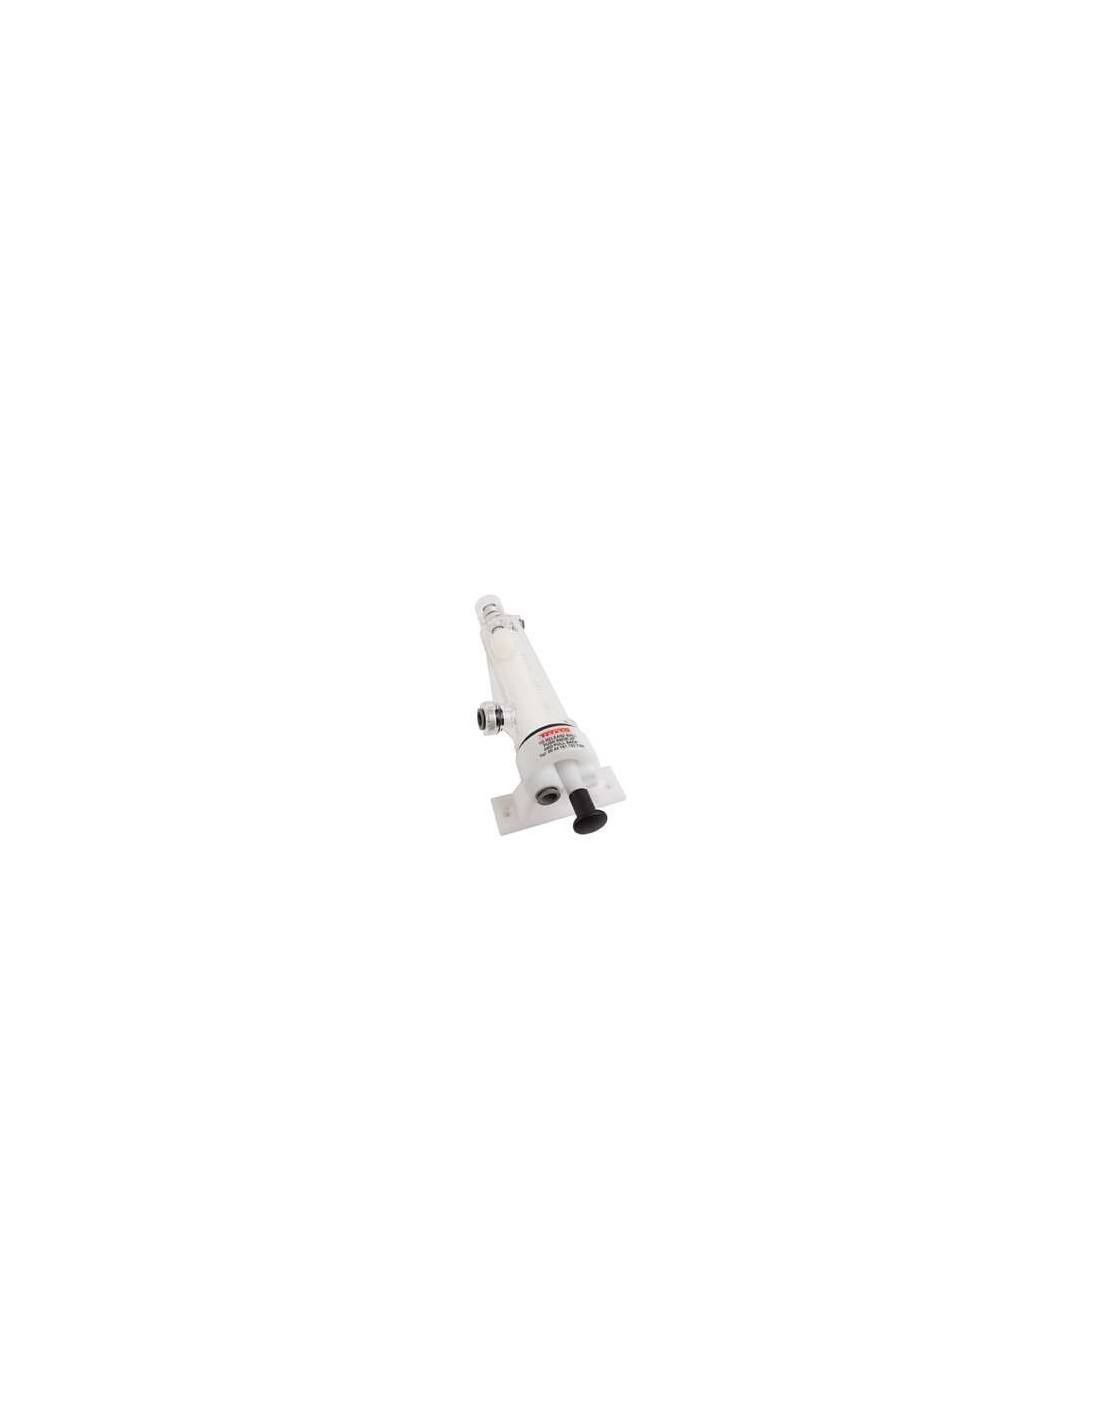 UPP00019 - Skumdetektor - Tecflo Ecoflo